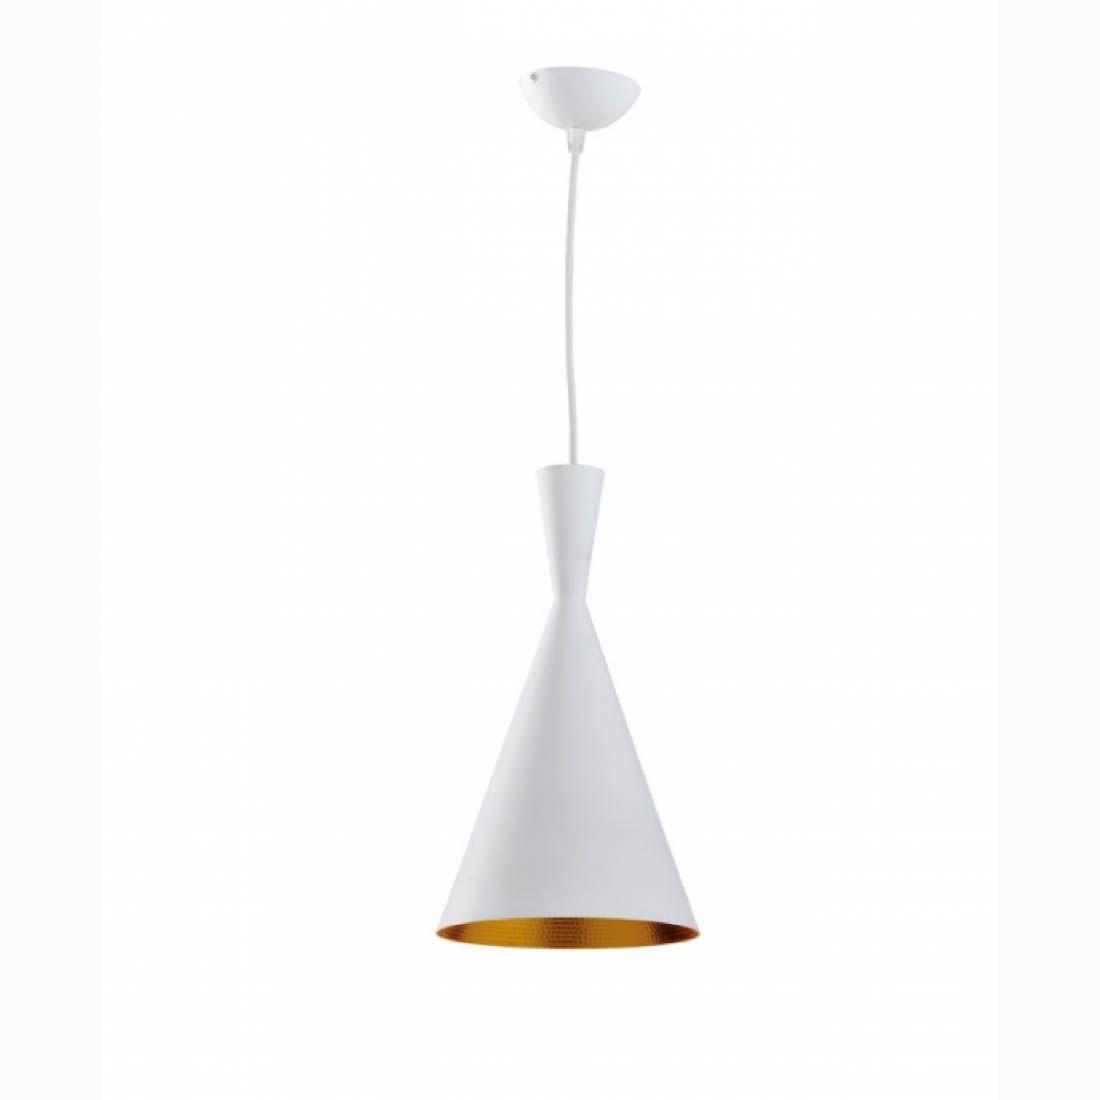 Pendente 1 Lampada Alumínio Oxford Tall Branco e dourado